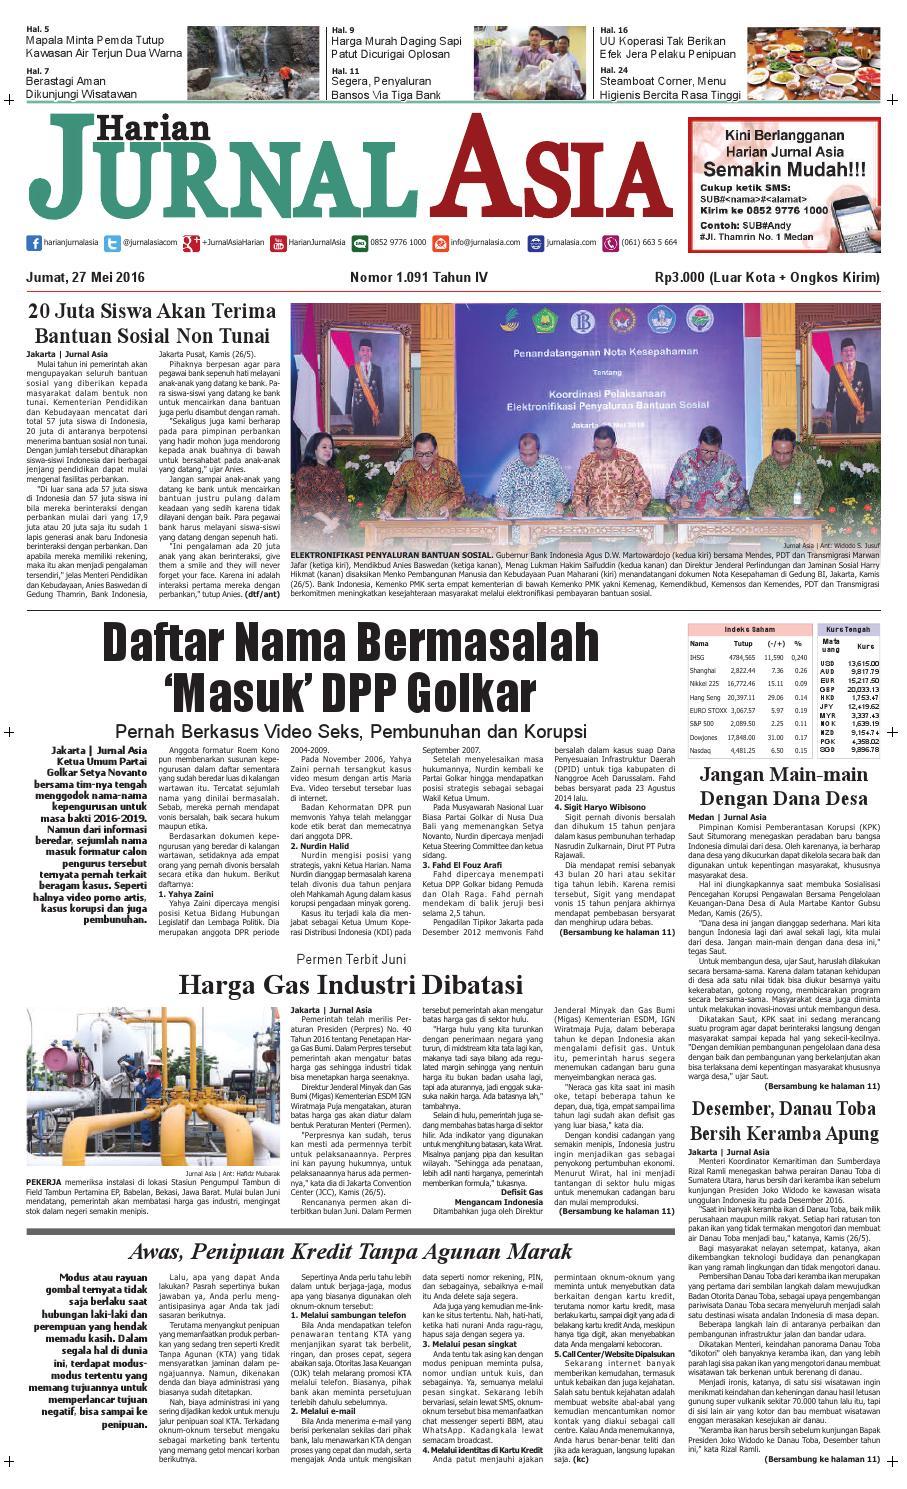 Harian Jurnal Asia Edisi Jumat, 27 Mei 2016 by Harian Jurnal Asia - Medan - issuu